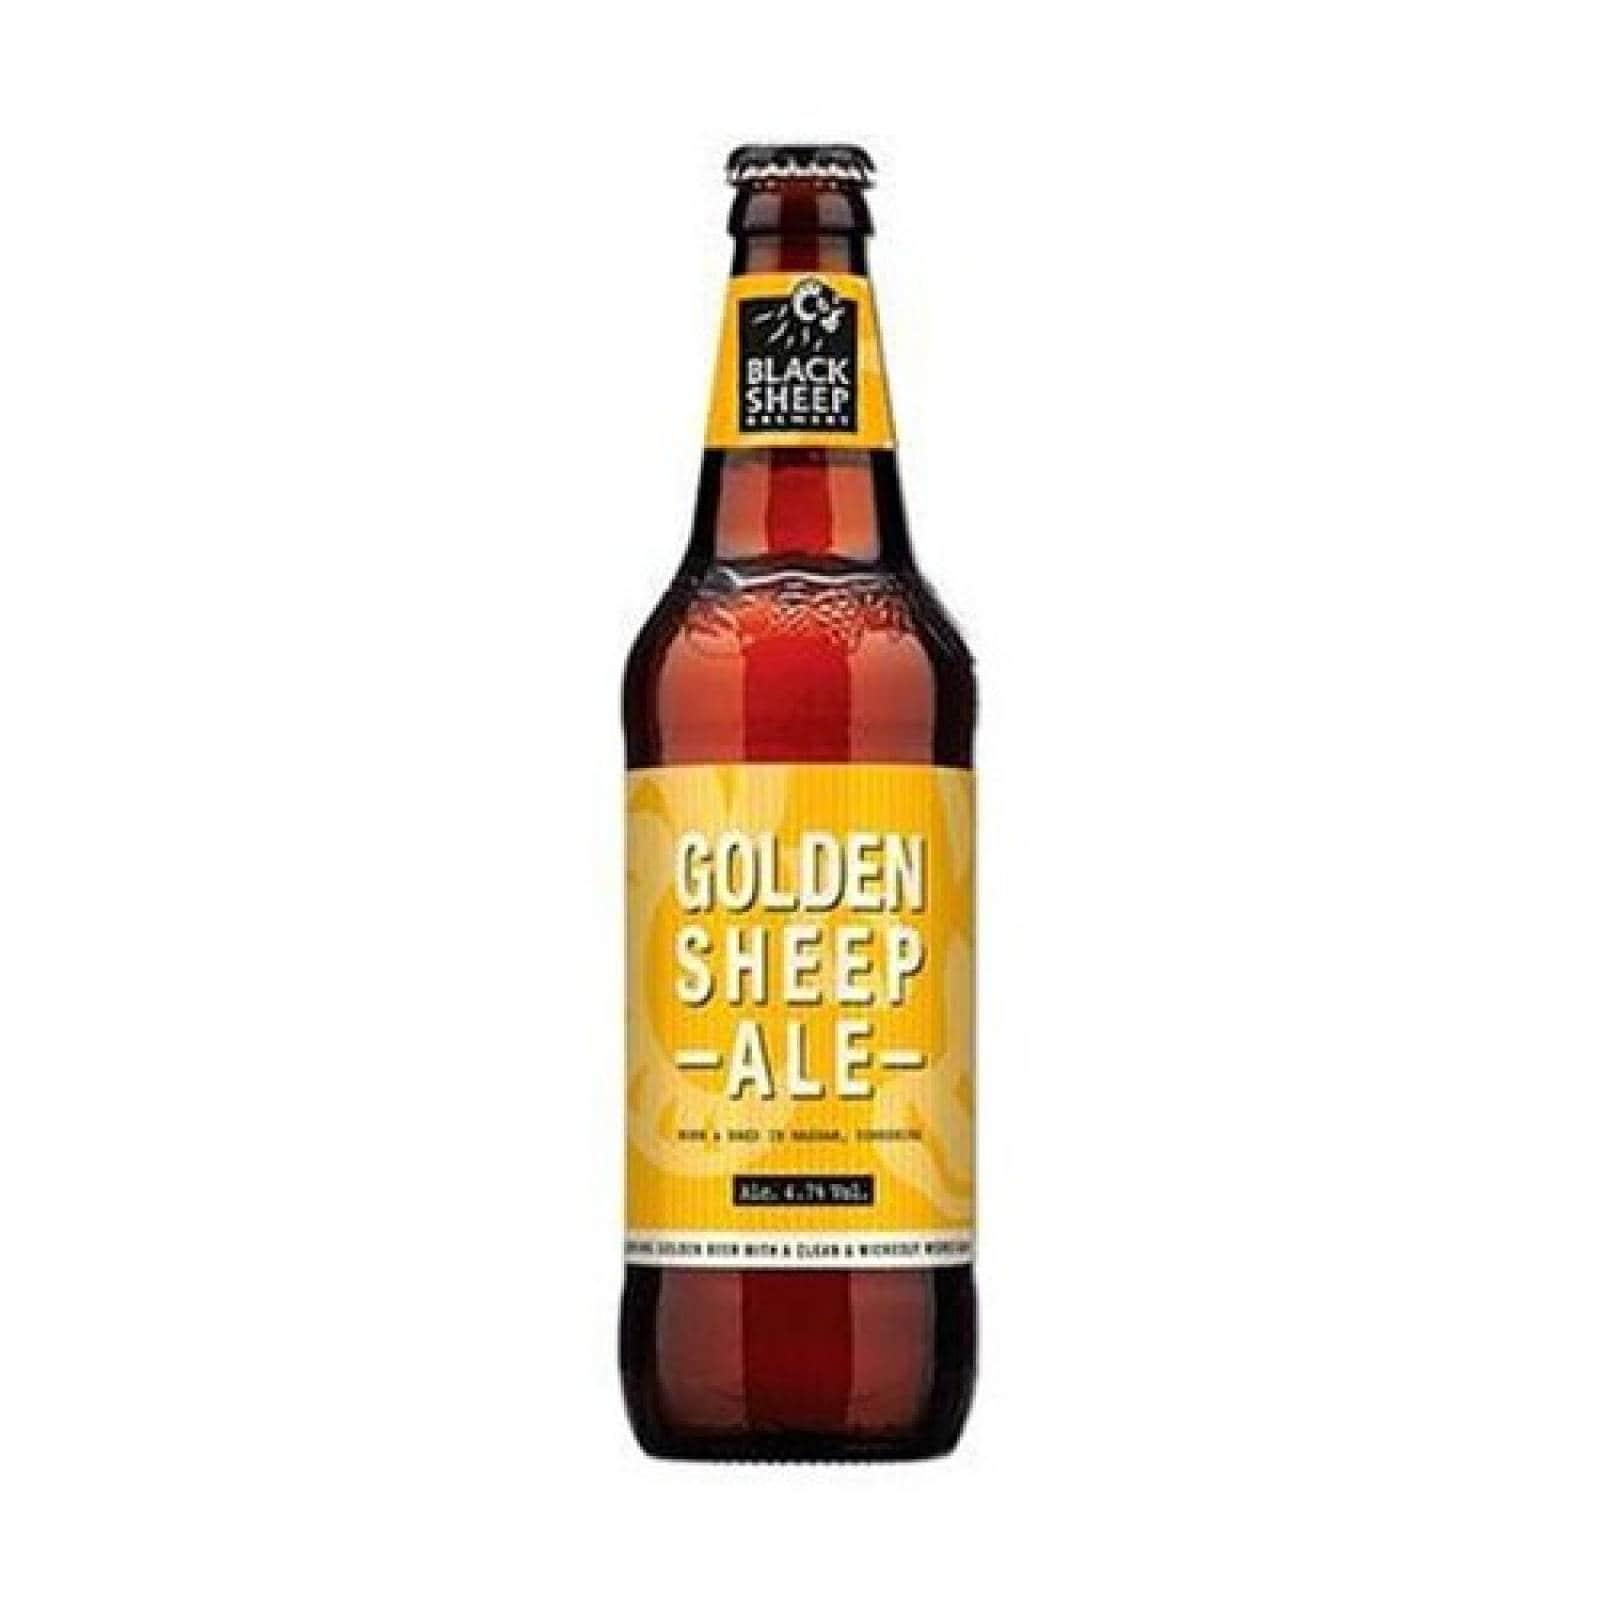 Bebida Alcohol Cerveza Golden Sheep Ale Cuatro Jinetes